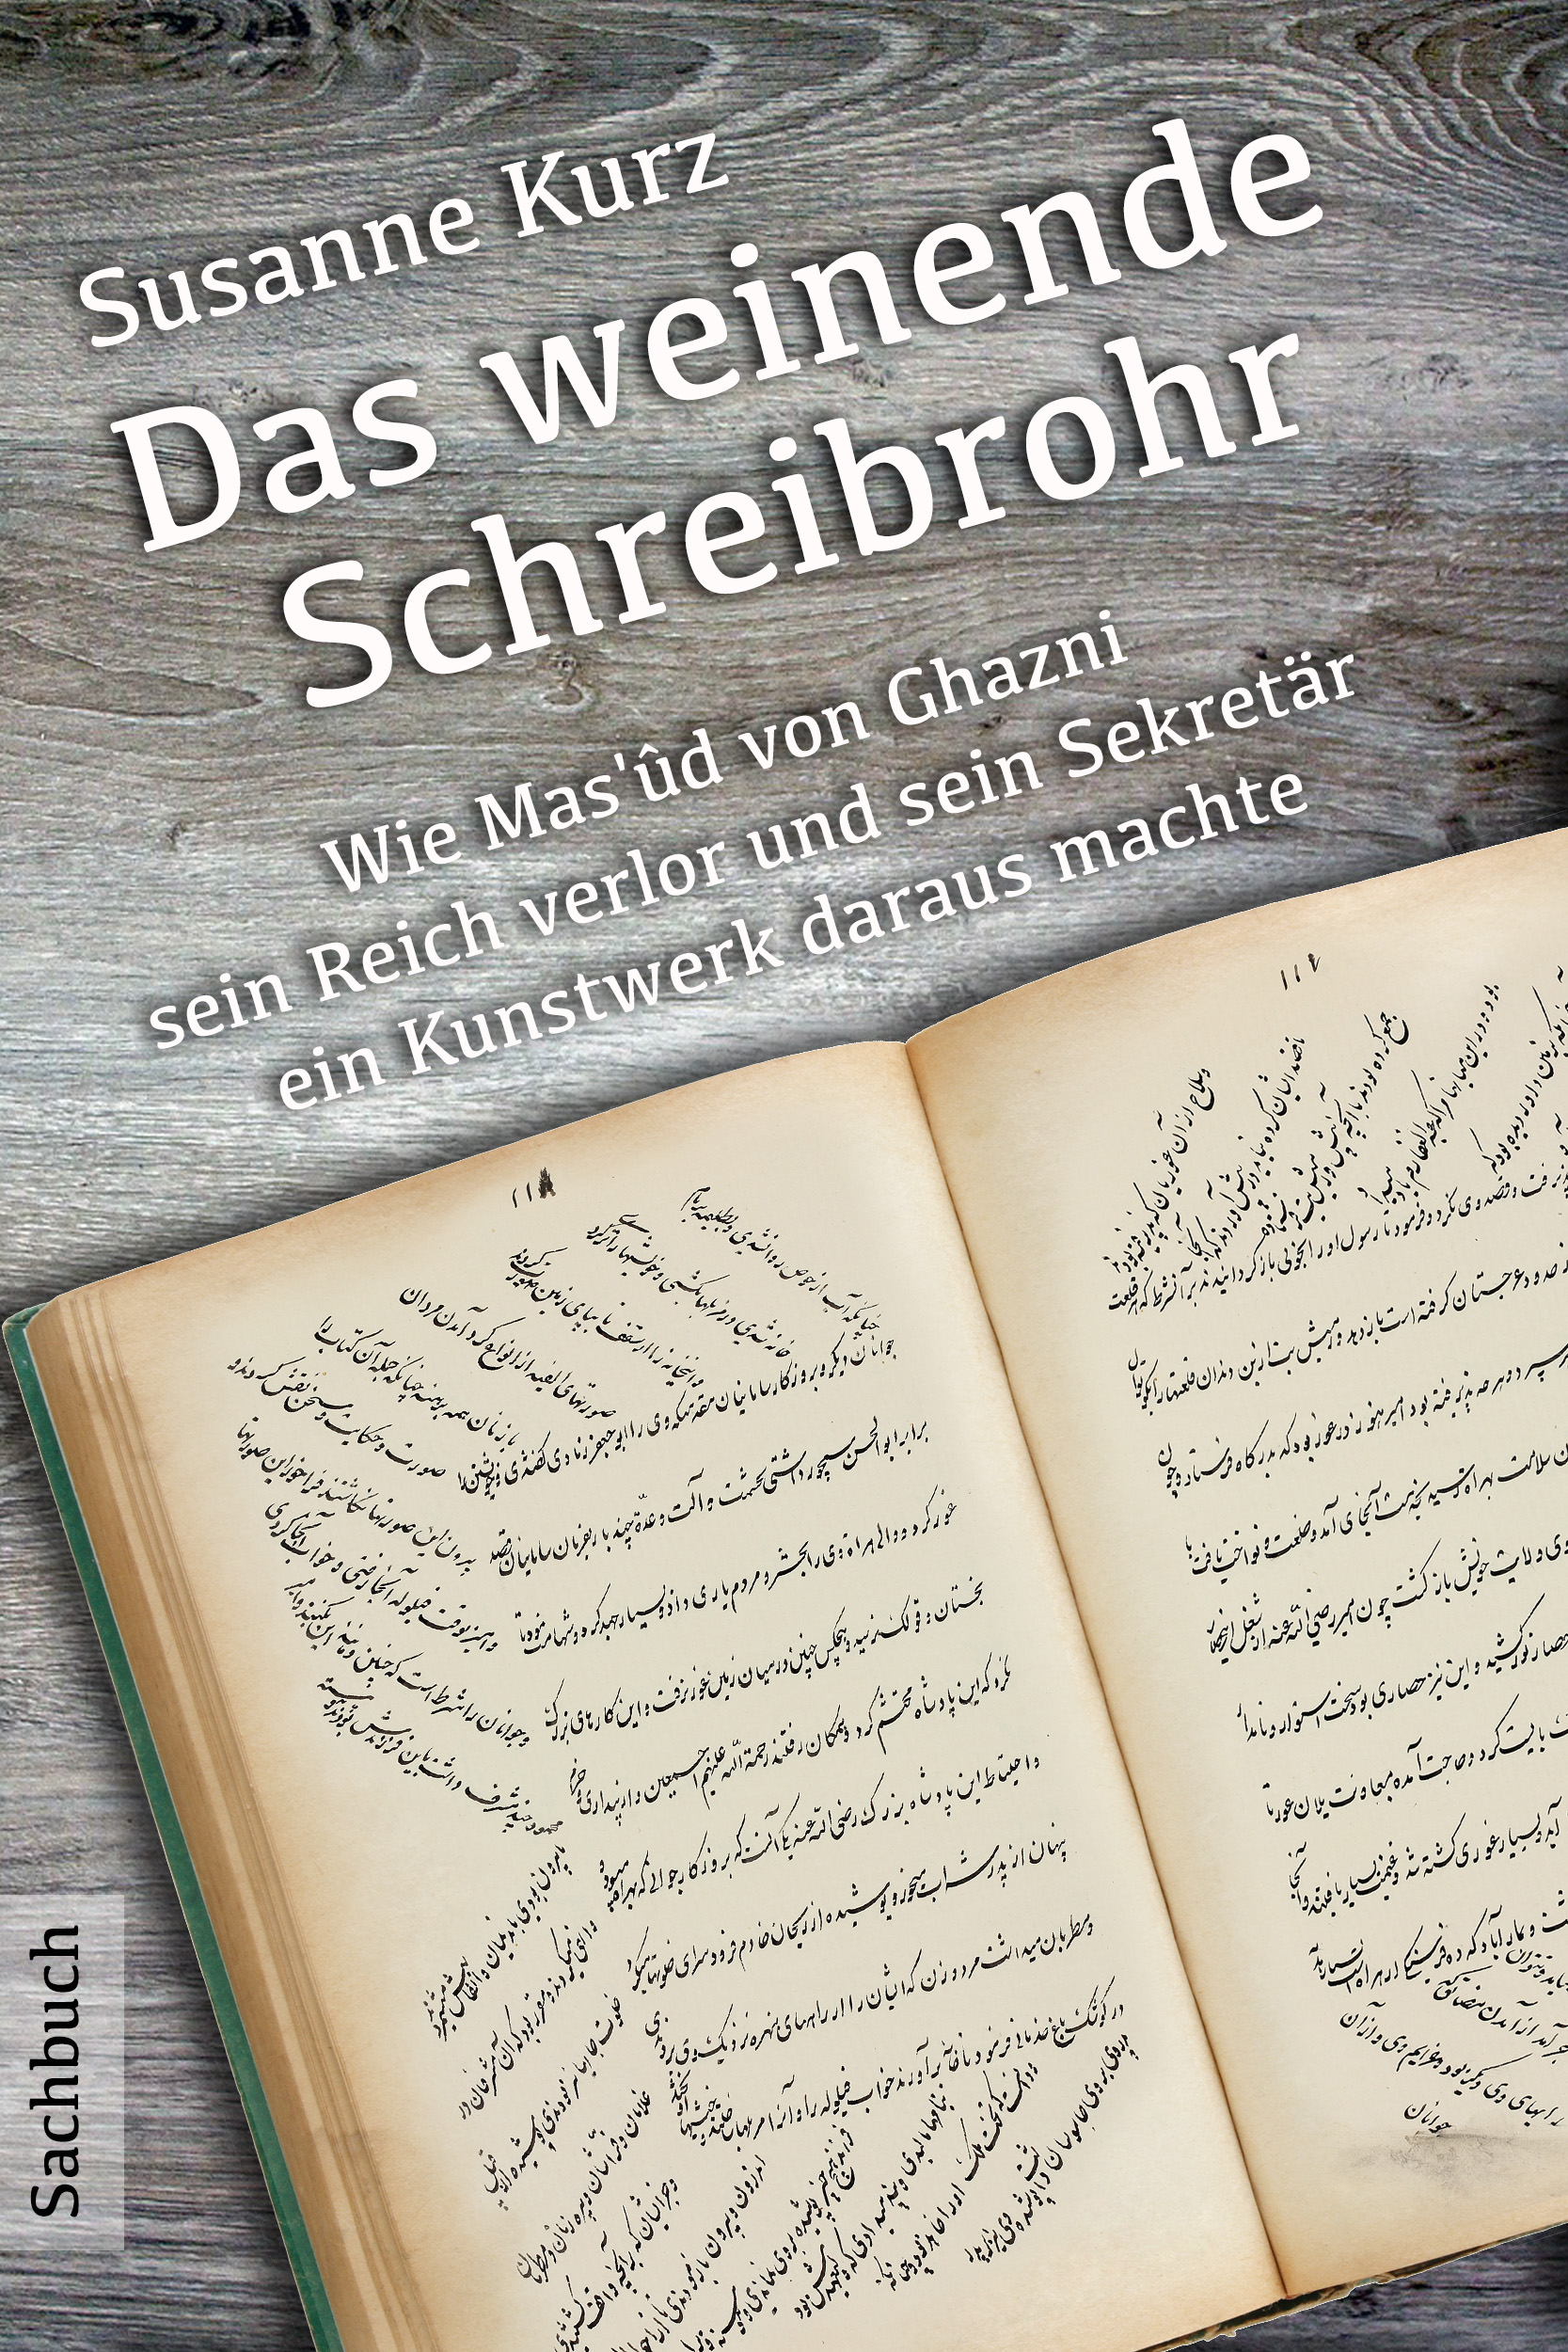 Cover_Das_weinende_Schreibrohr_END